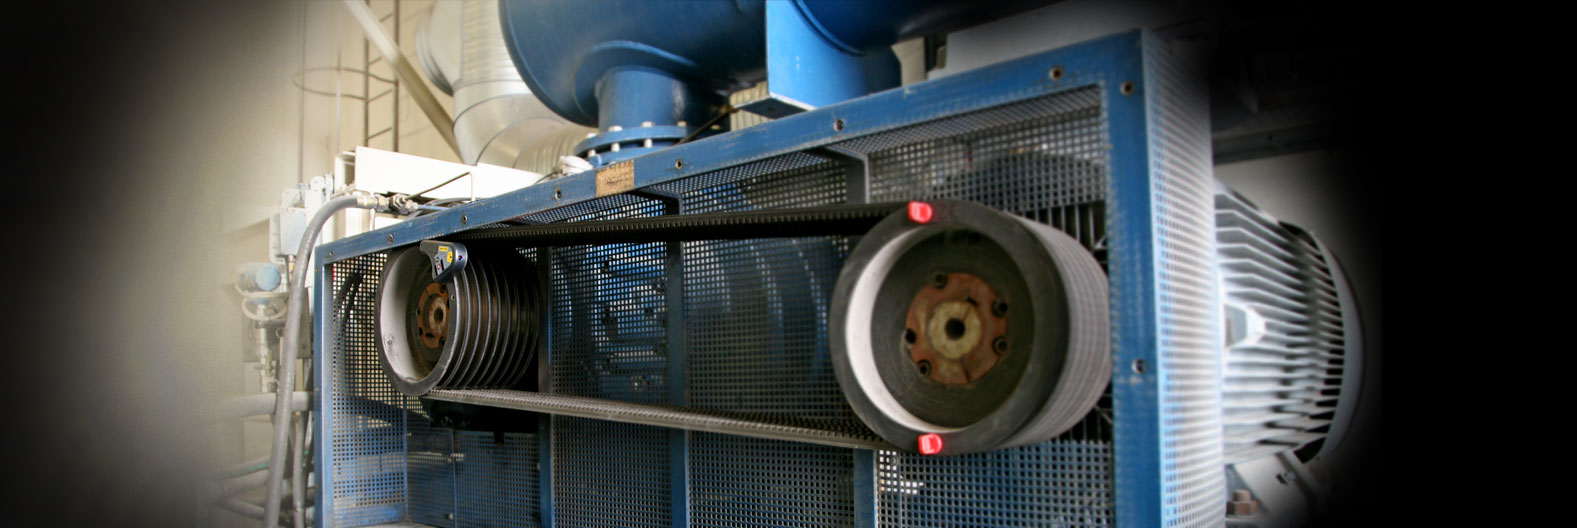 D90 Bta Belt Alignment Easy Laser